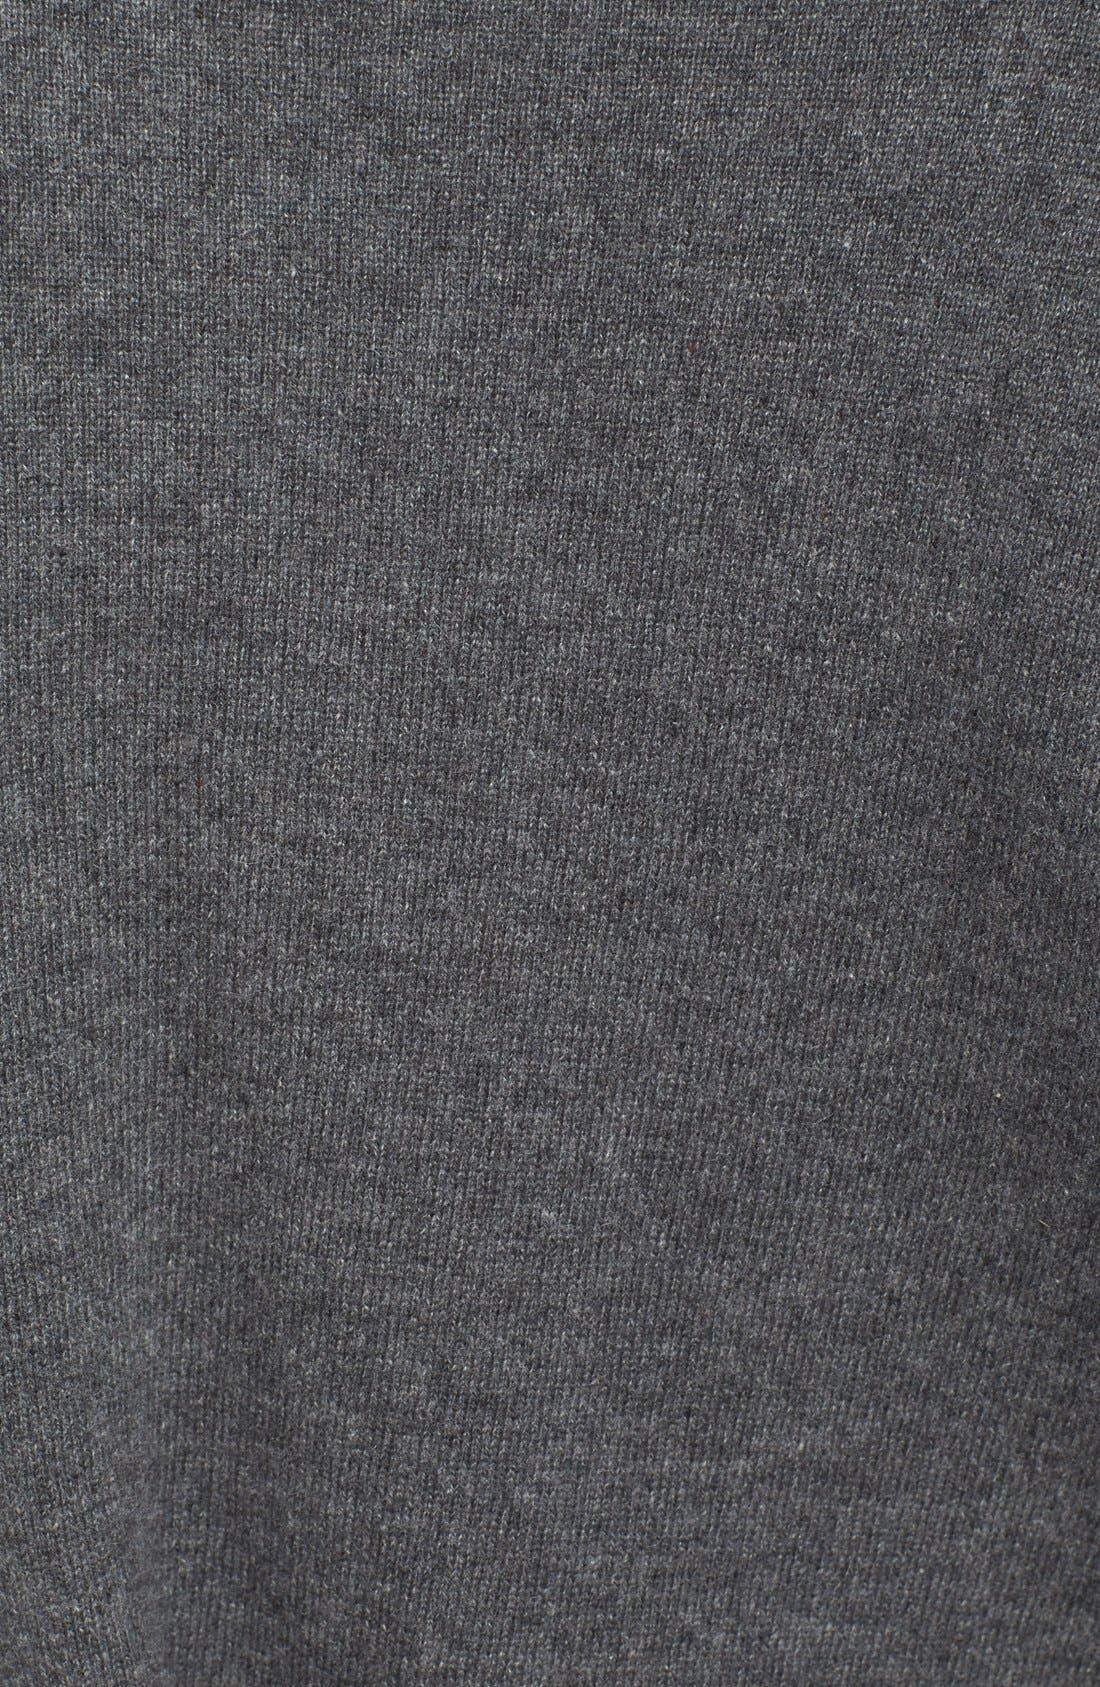 Cashmere & Cotton Sweater Dress,                             Alternate thumbnail 2, color,                             024